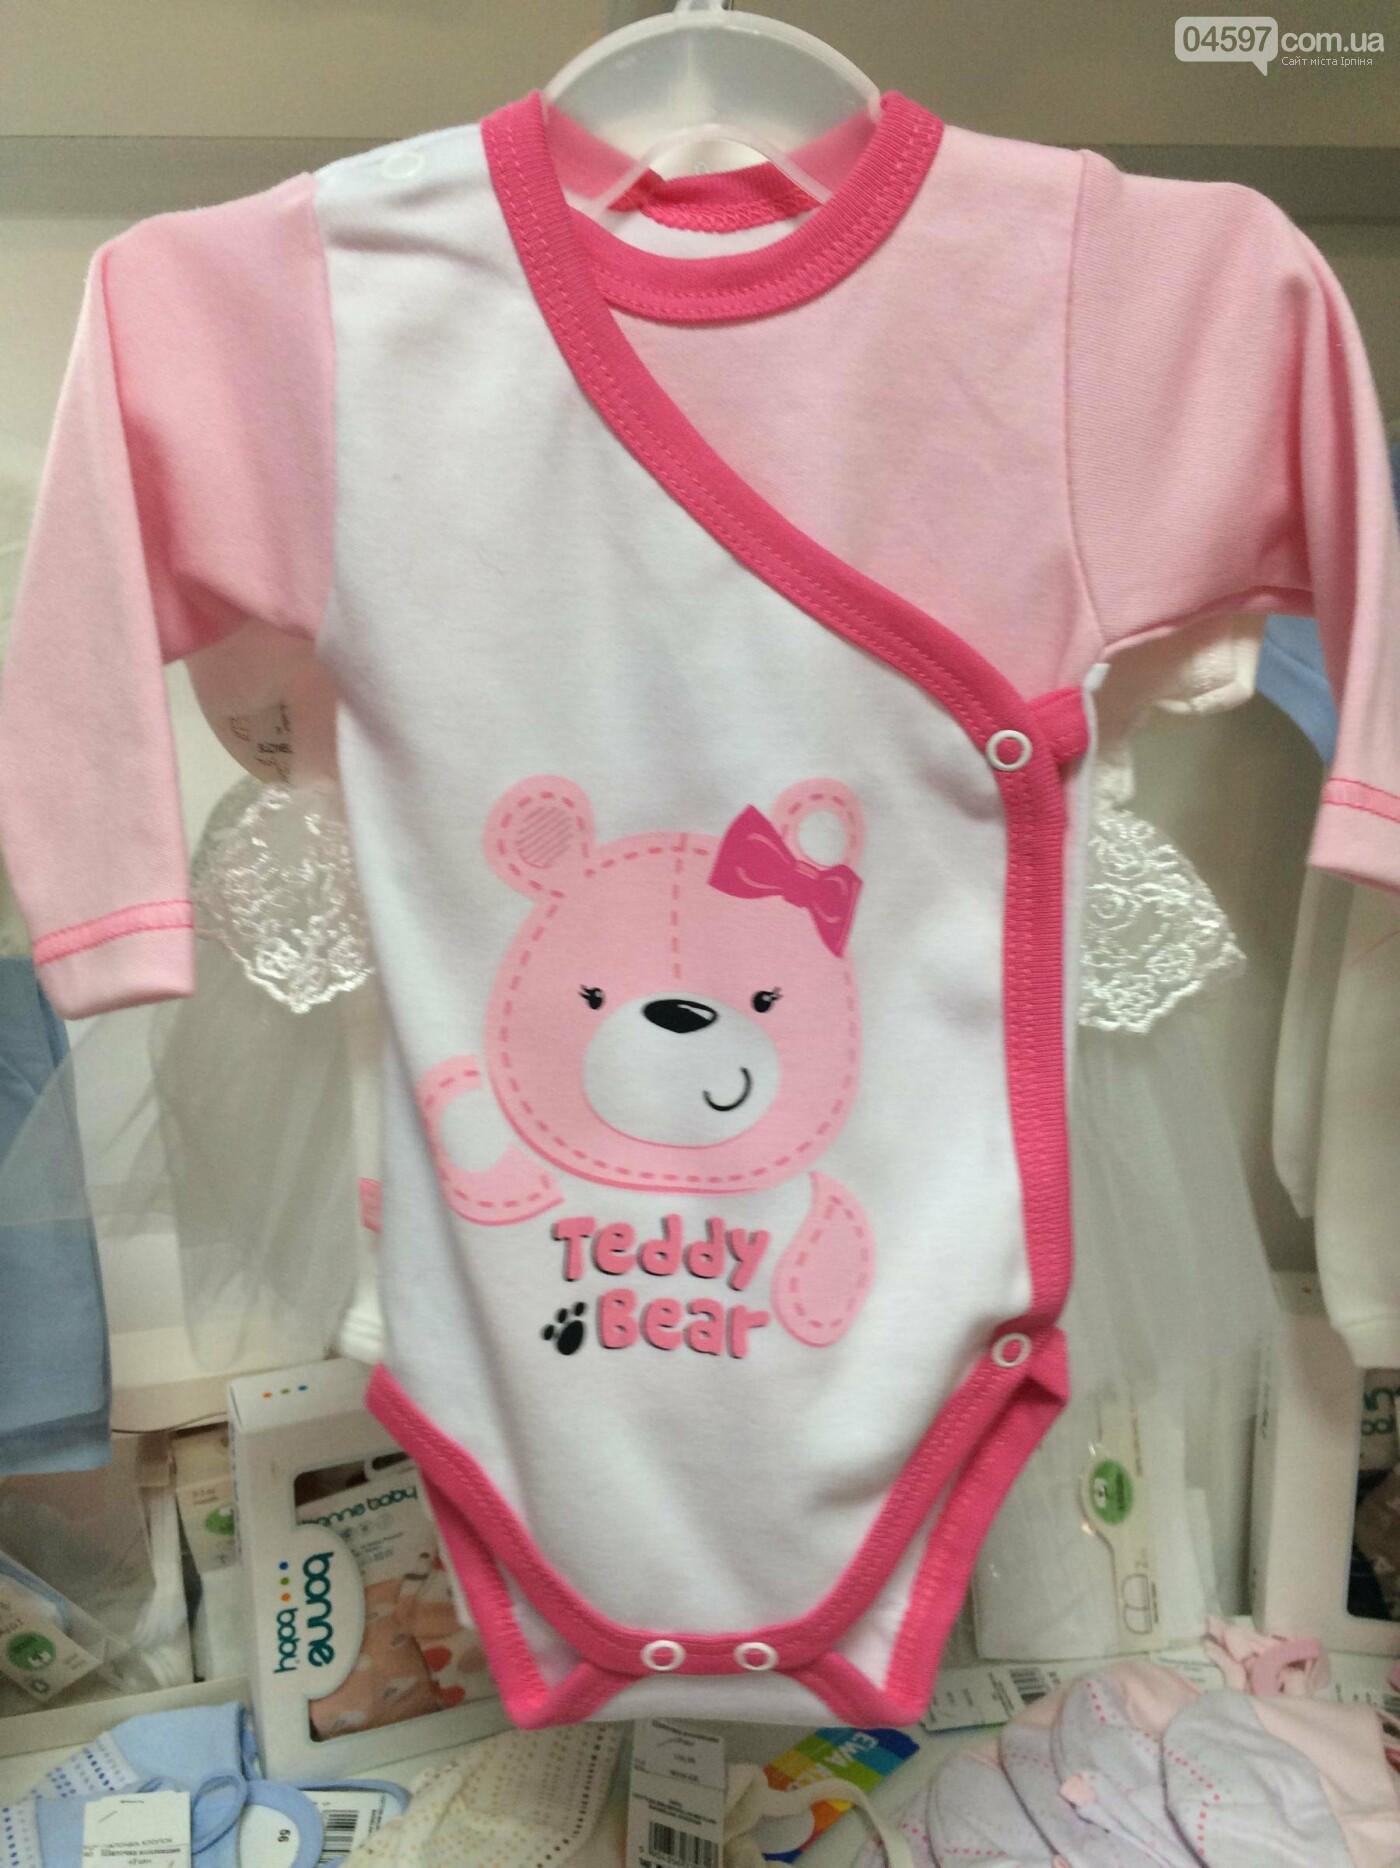 Де купити дитячий одяг в Ірпені: асортимент та ціни, фото-61